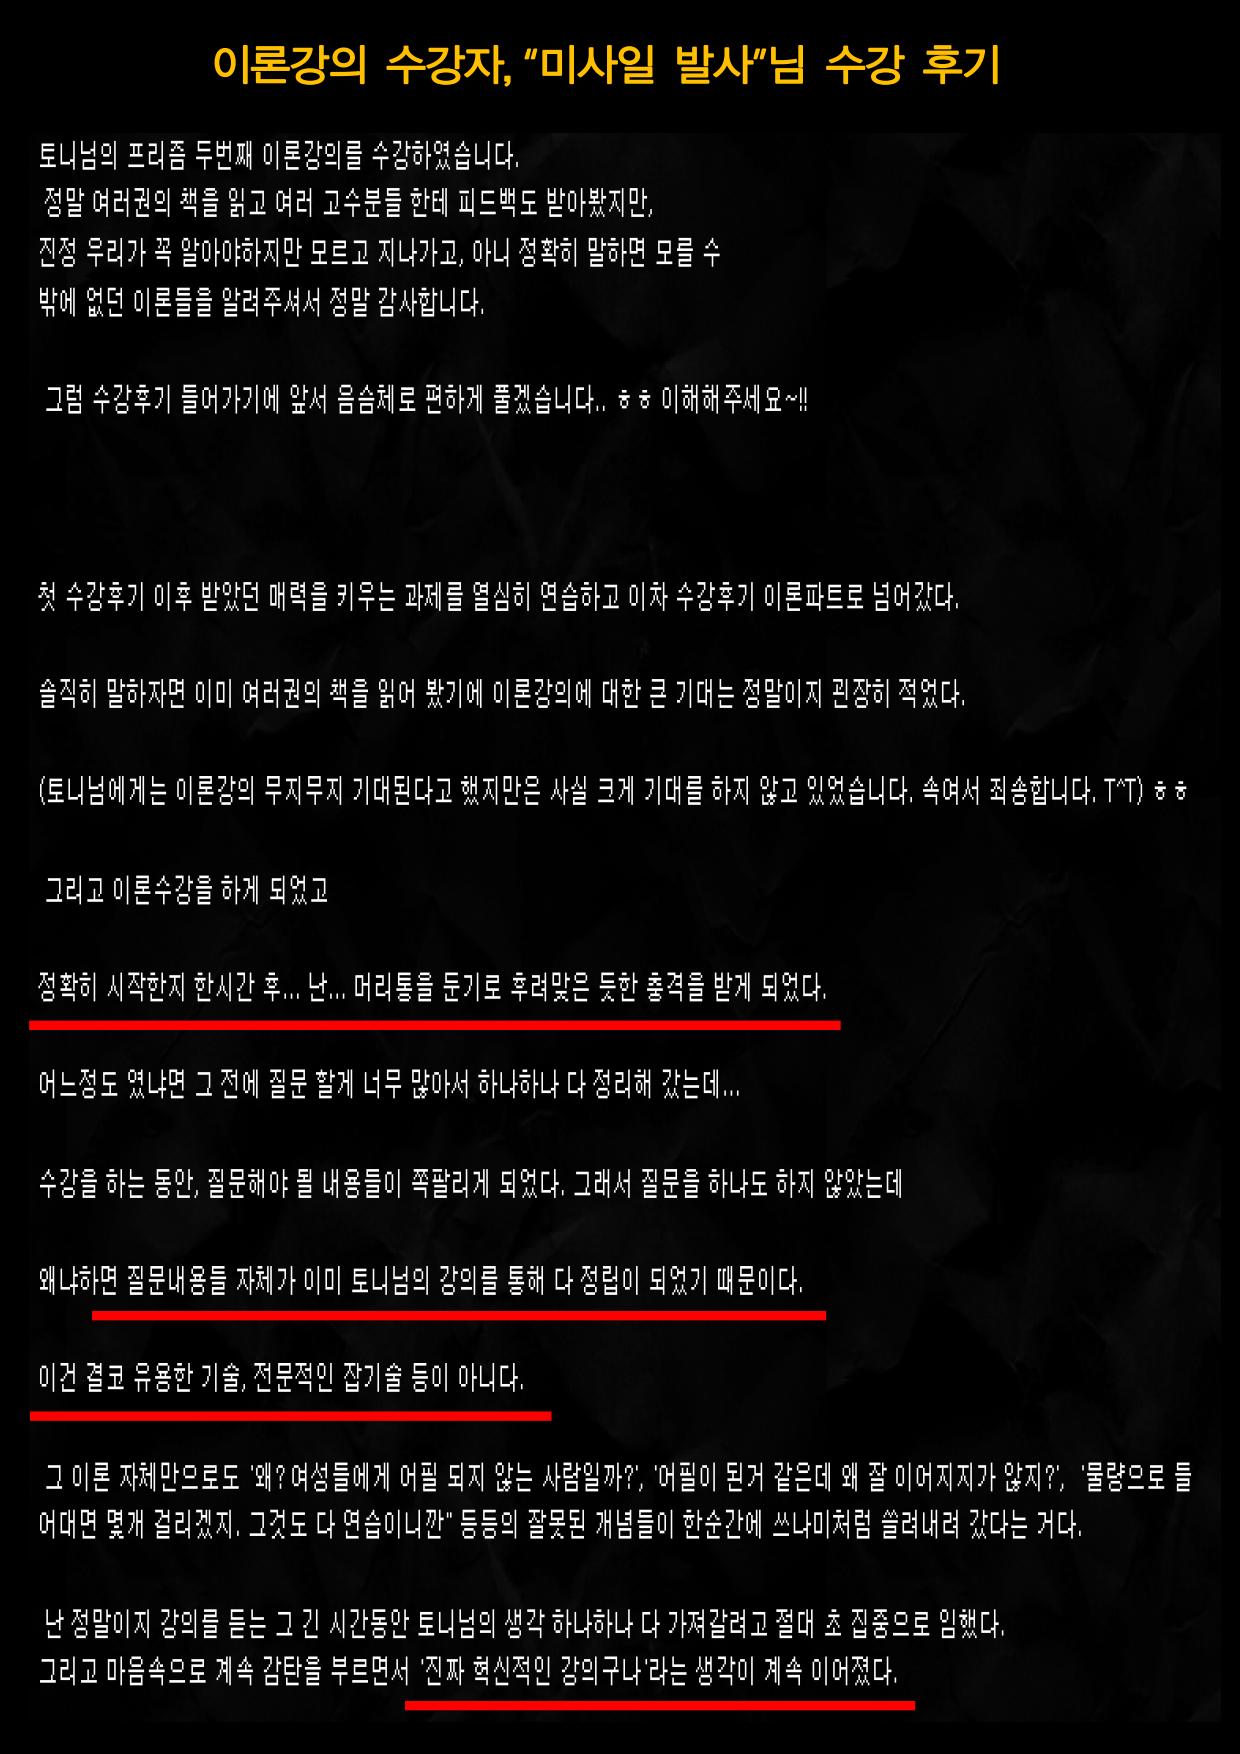 본 머티리어 1회차 홍보글(폰트 포함)_35.png